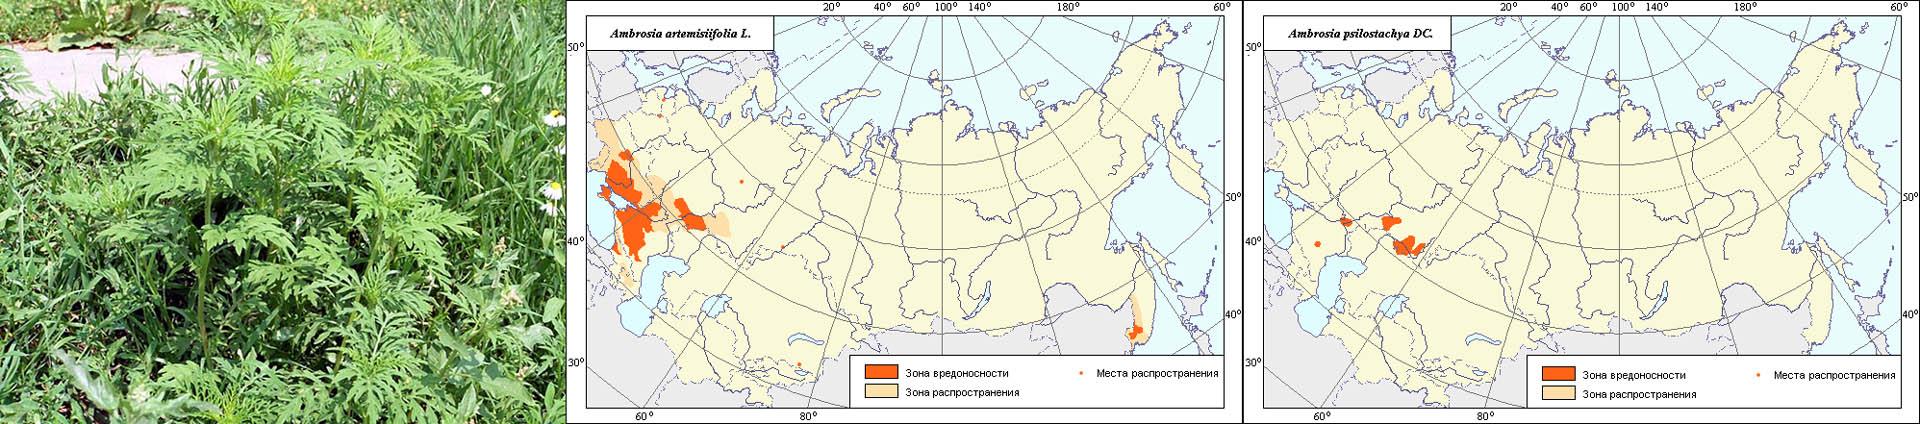 Распространение сорняка амброзии в РФ и сопредельных странах.